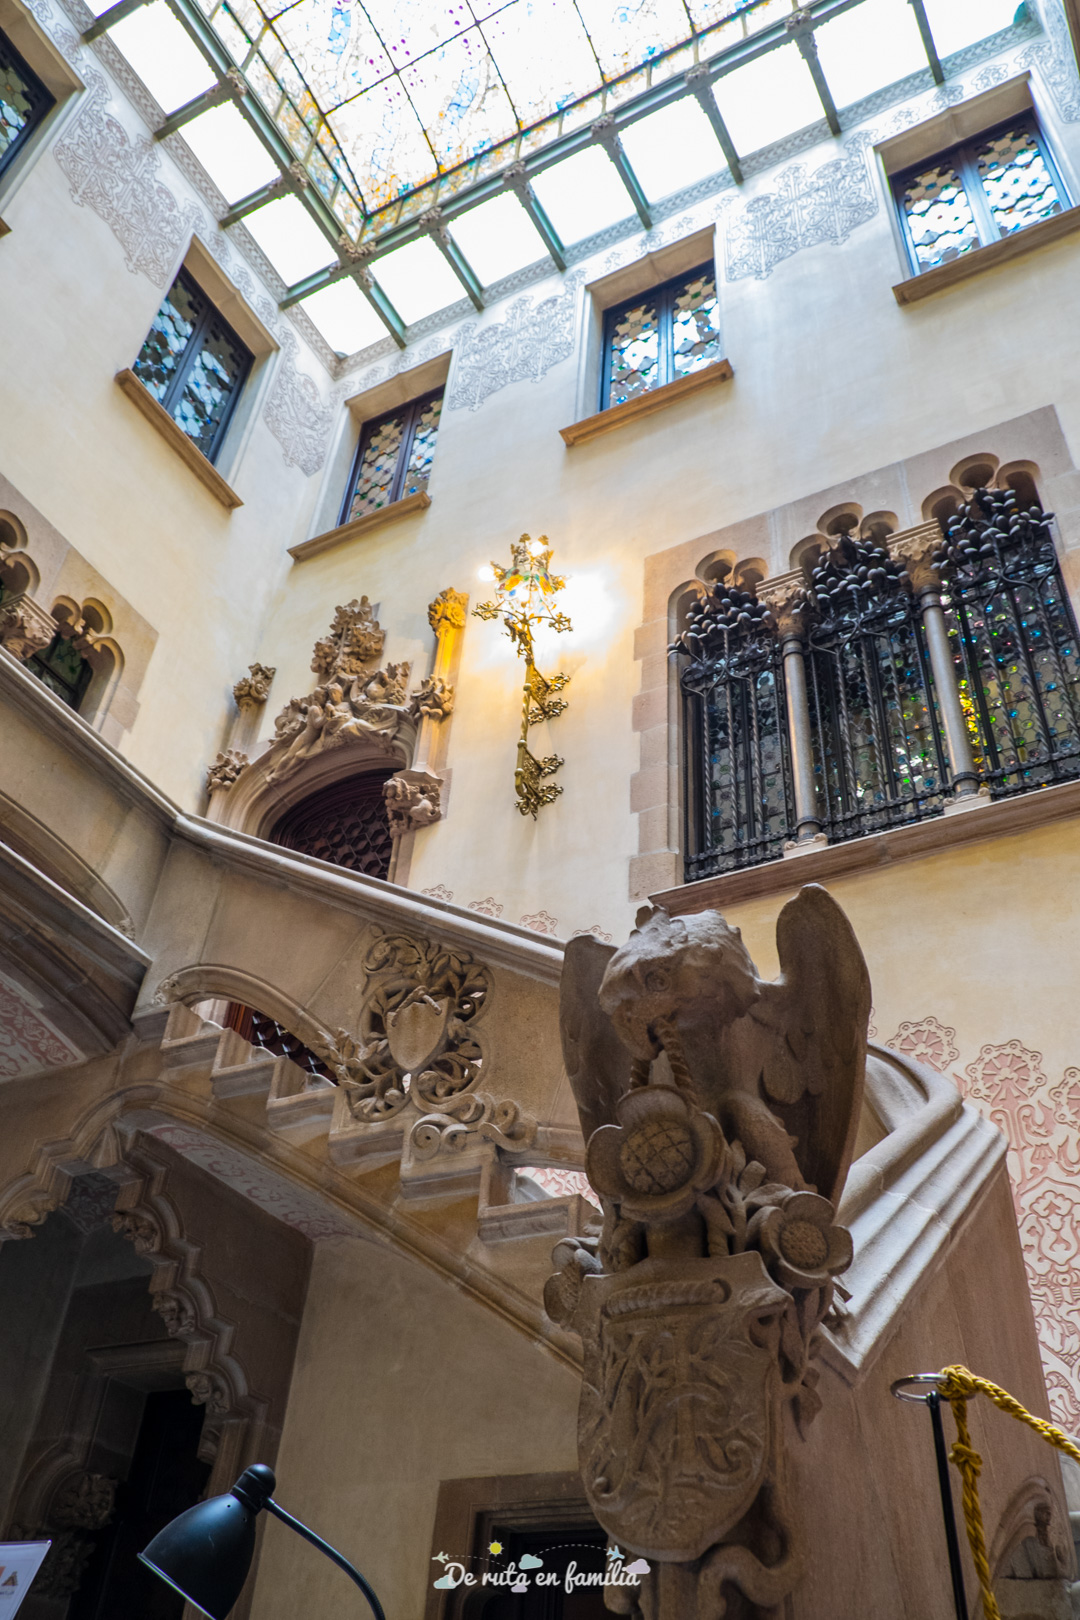 Casa Amatller. Casas singulares de Barcelona